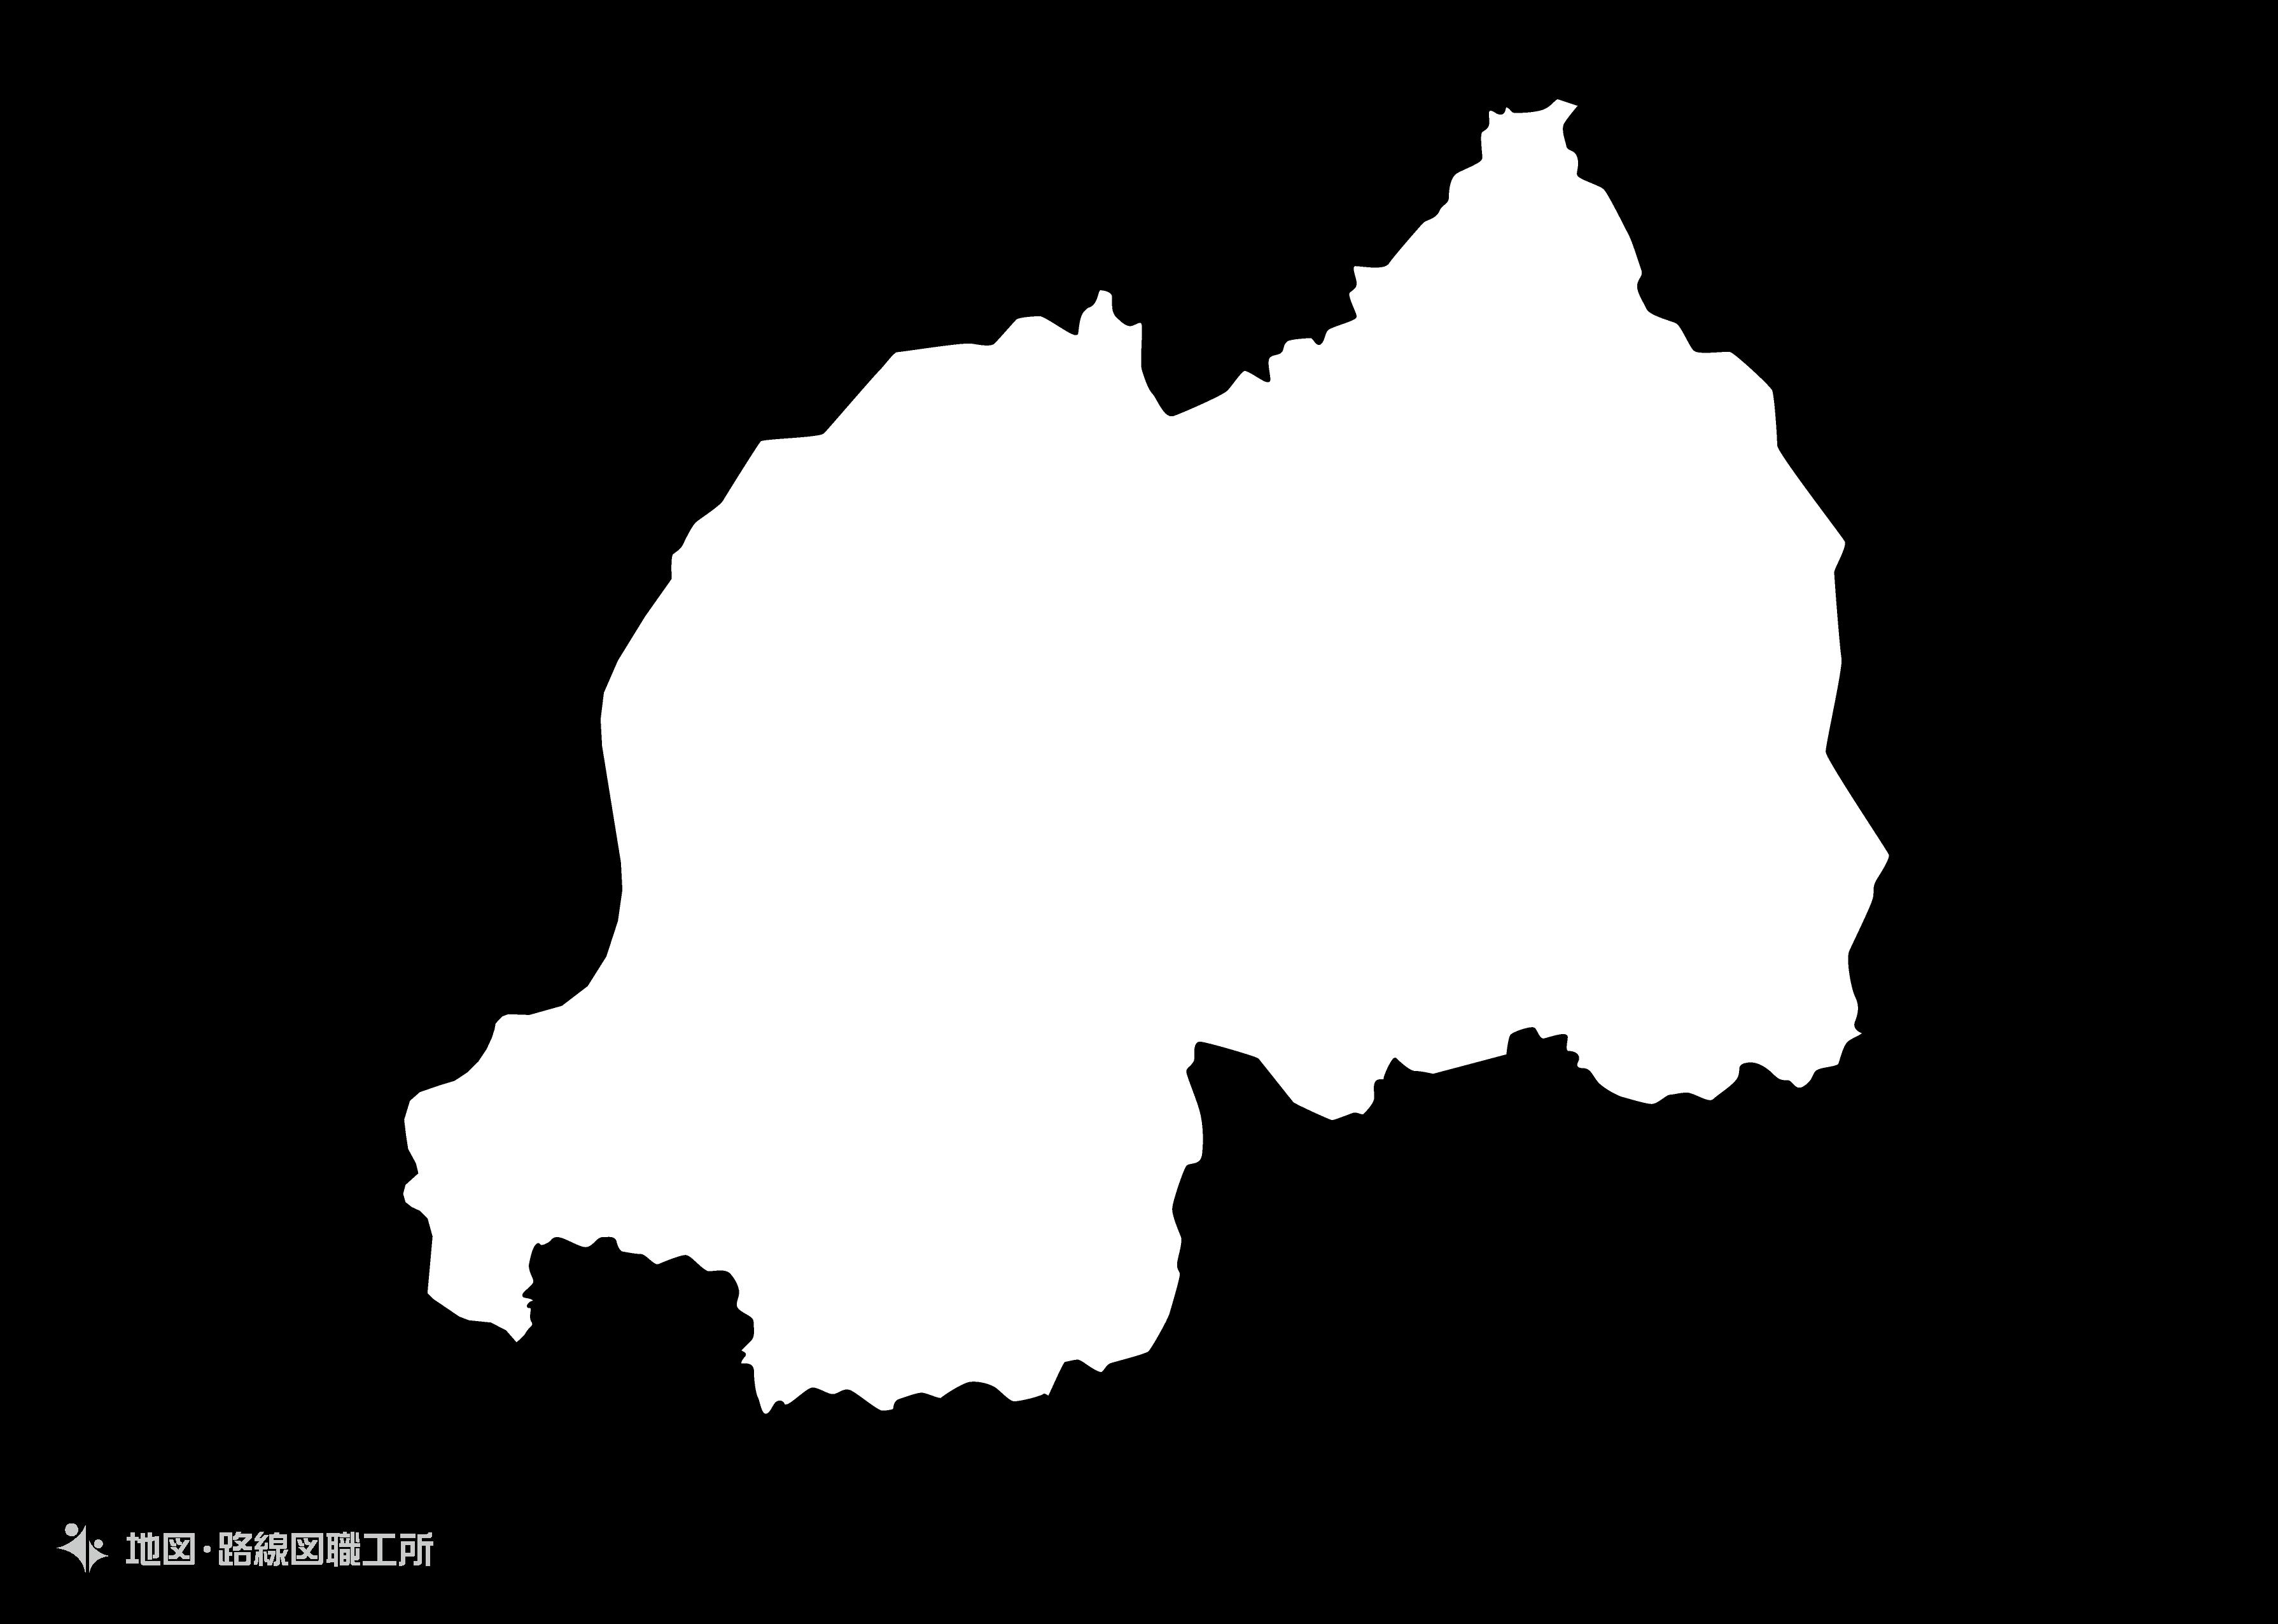 世界の白地図 ルワンダ共和国 republic-of-rwanda map